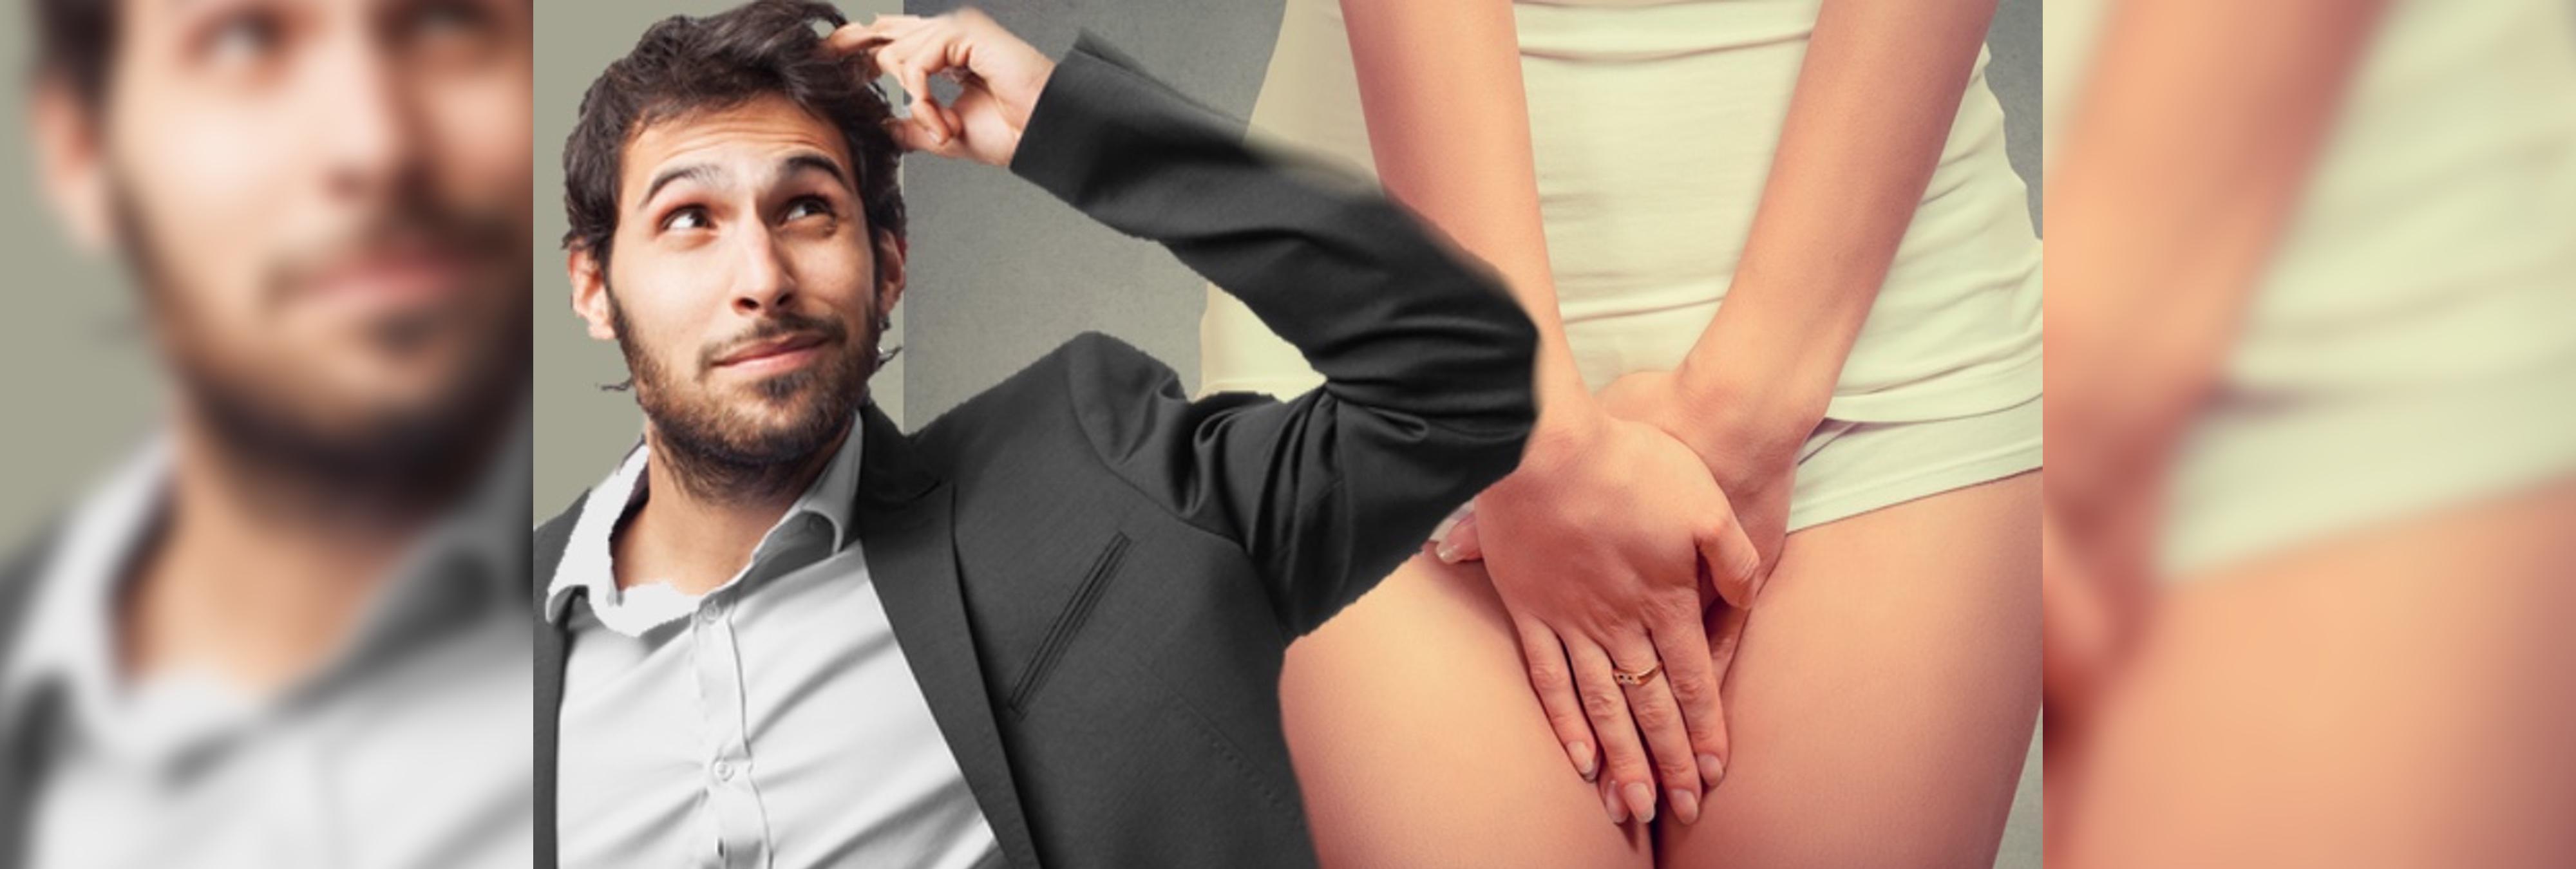 El 50% de los hombres no sabe dónde se sitúa la vagina, según un estudio